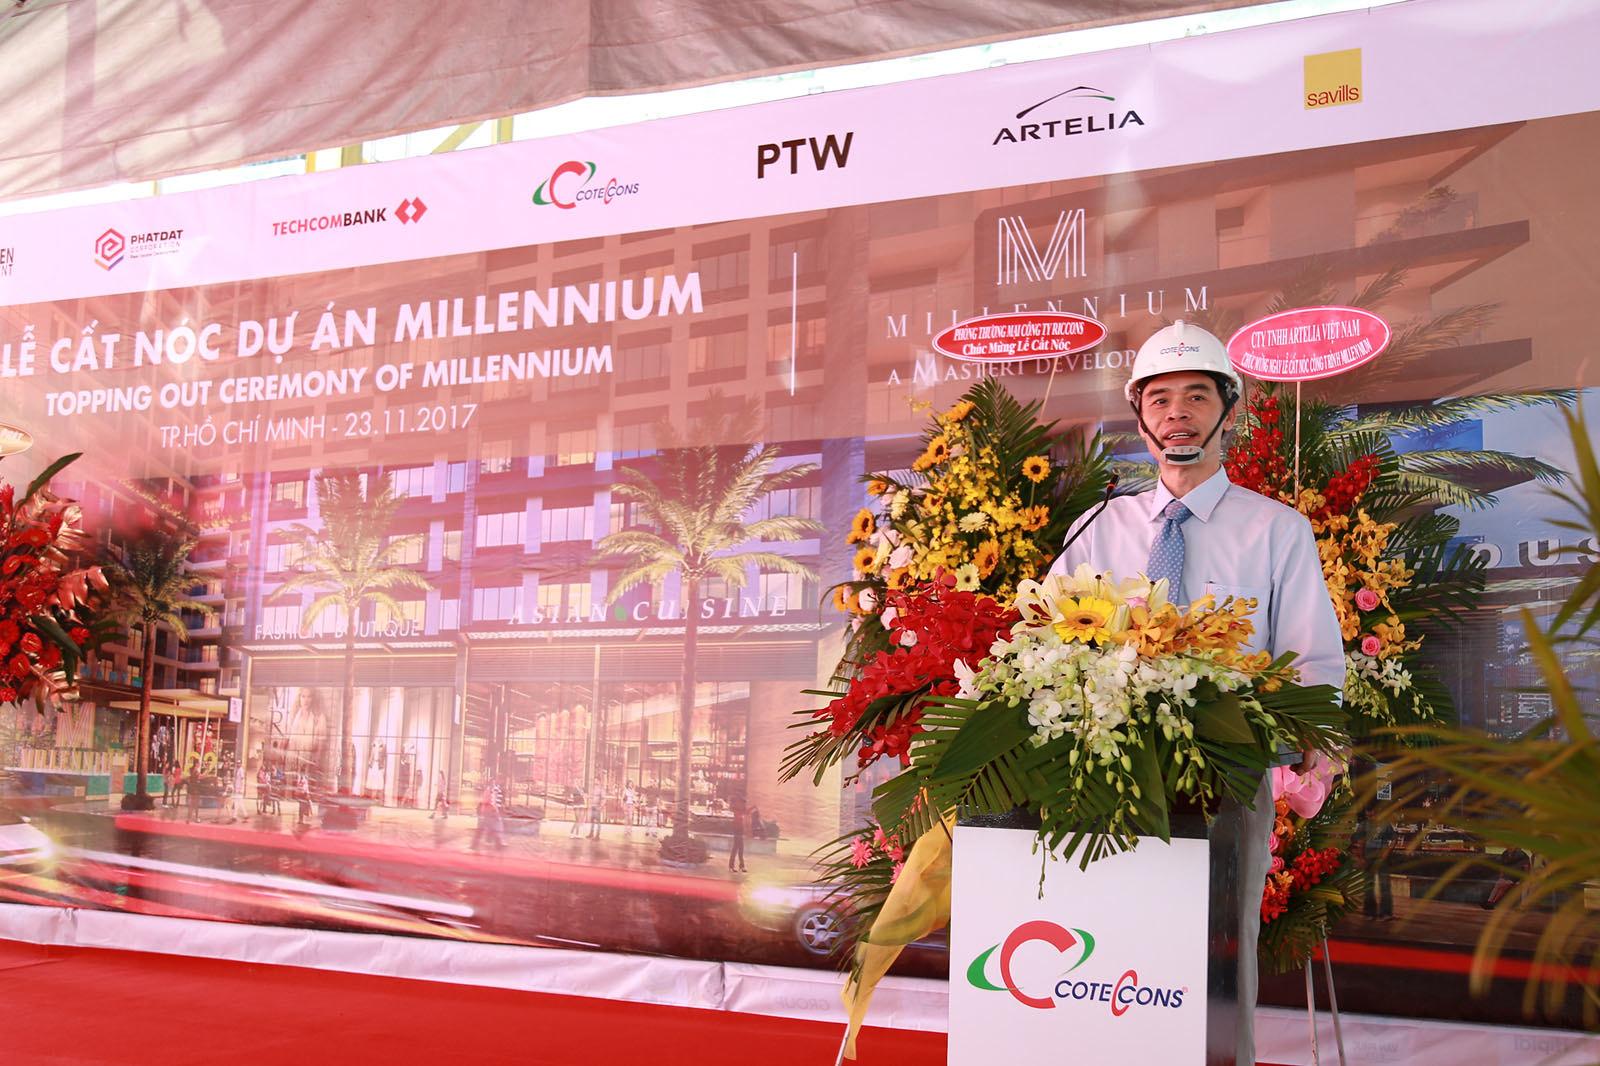 Đại diện nhà thầu CotecCons tại lễ cất nóc dự án Millennium quận 4.